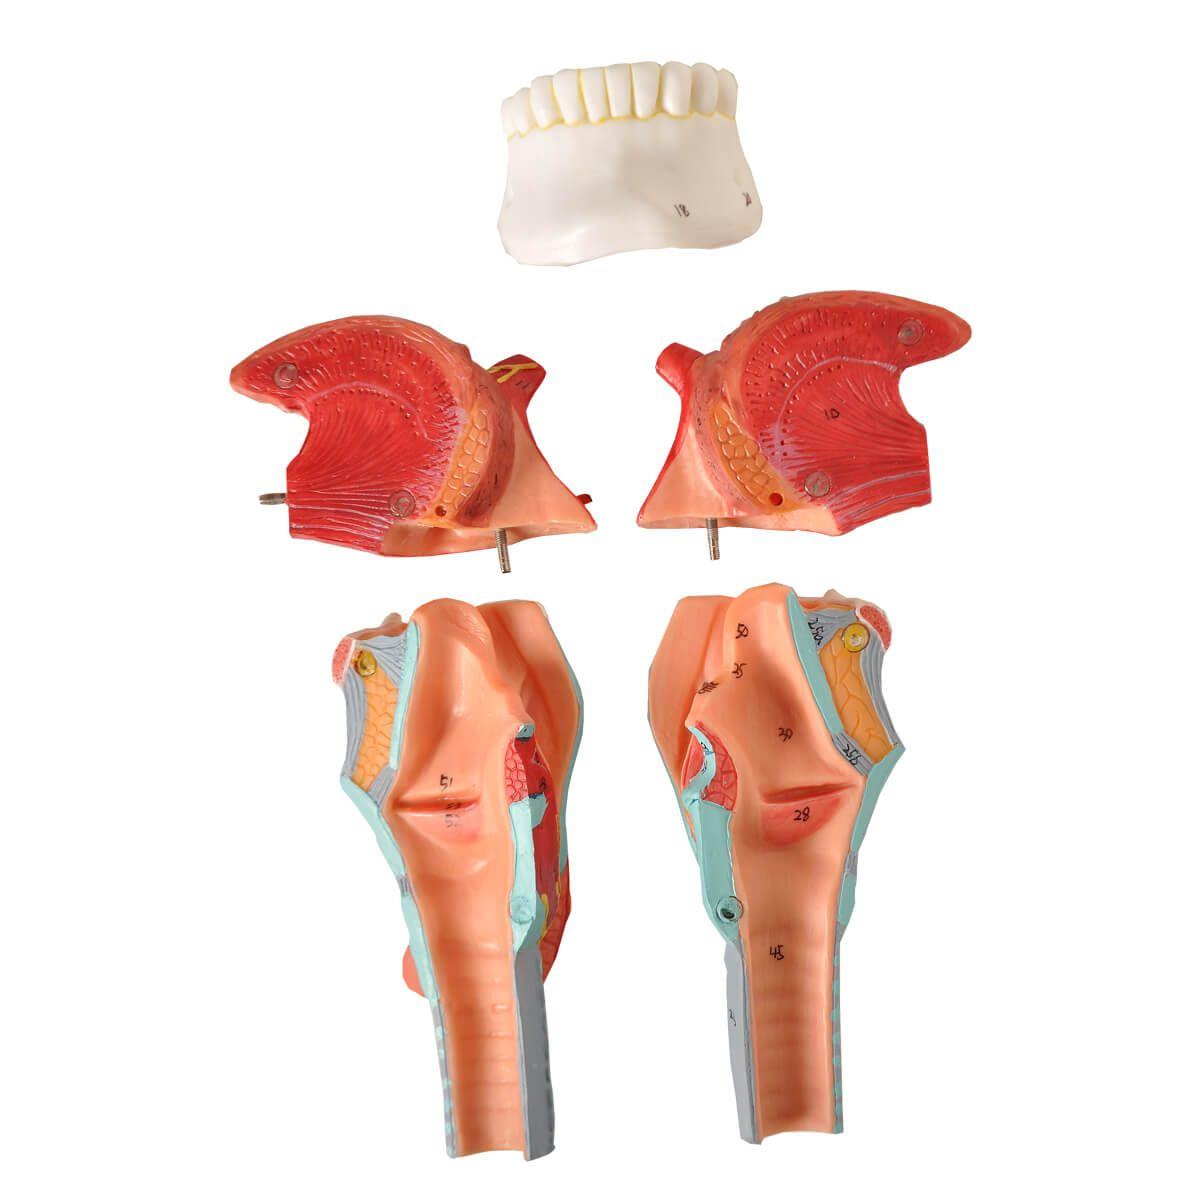 Modelo Anatomico Laringe com Língua E Dentes, em 5 Partes